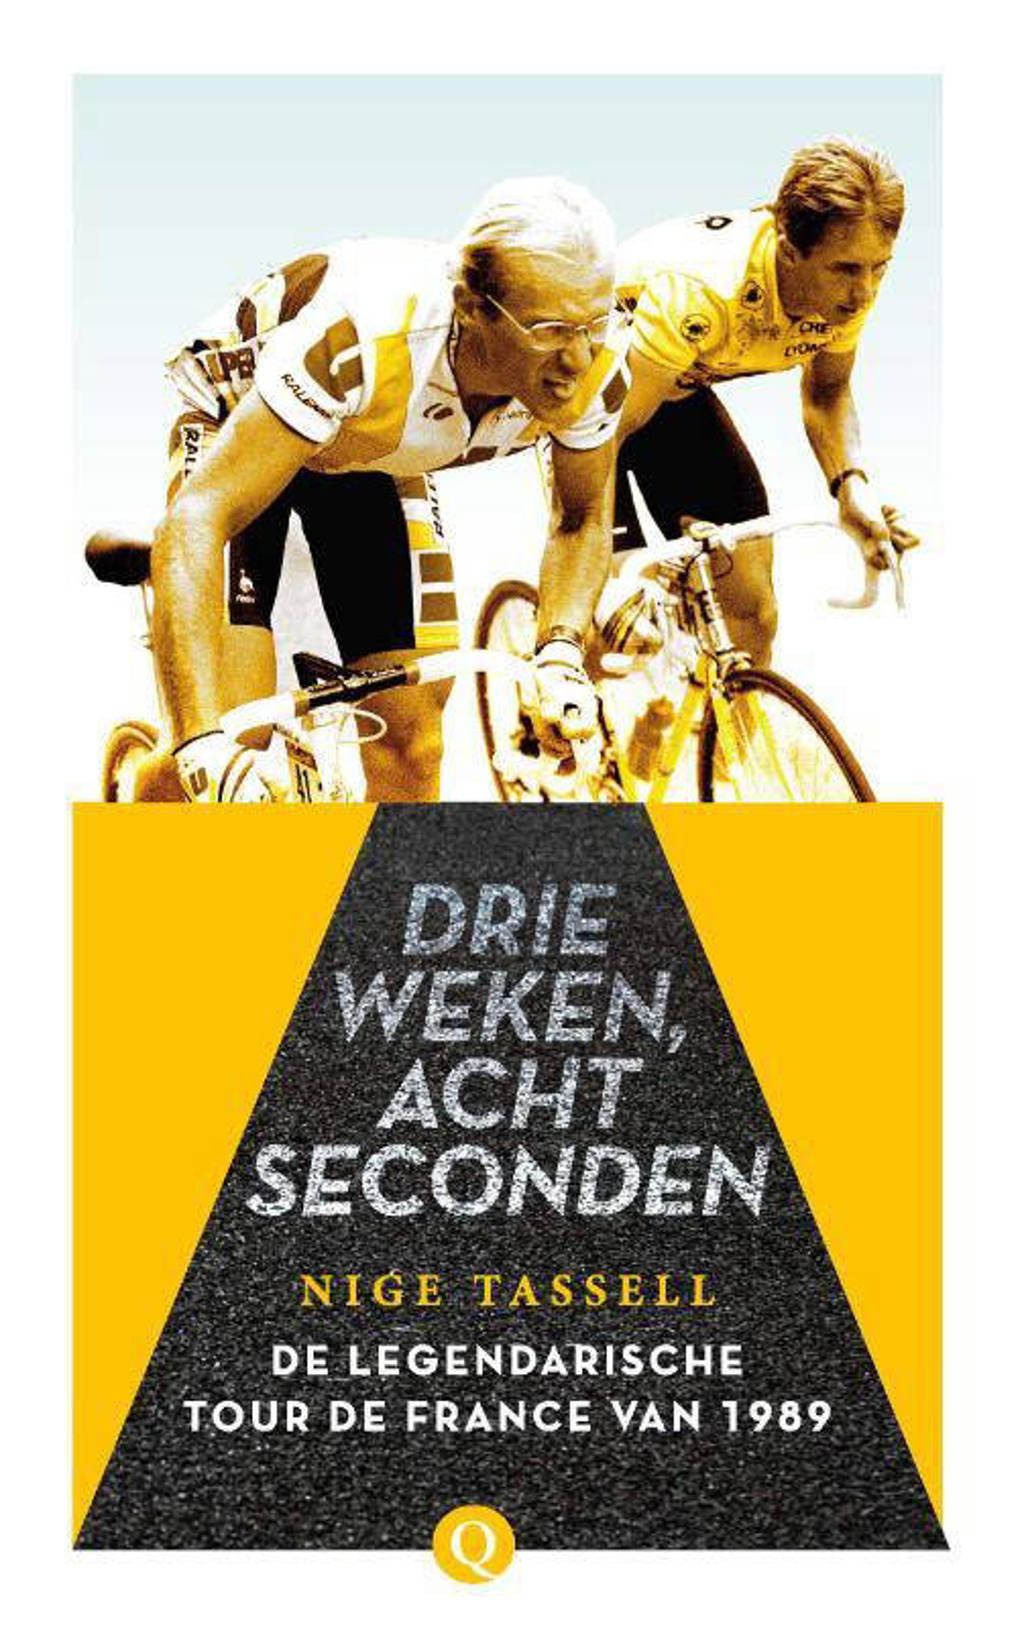 Drie weken, acht seconden - Nige Tassell